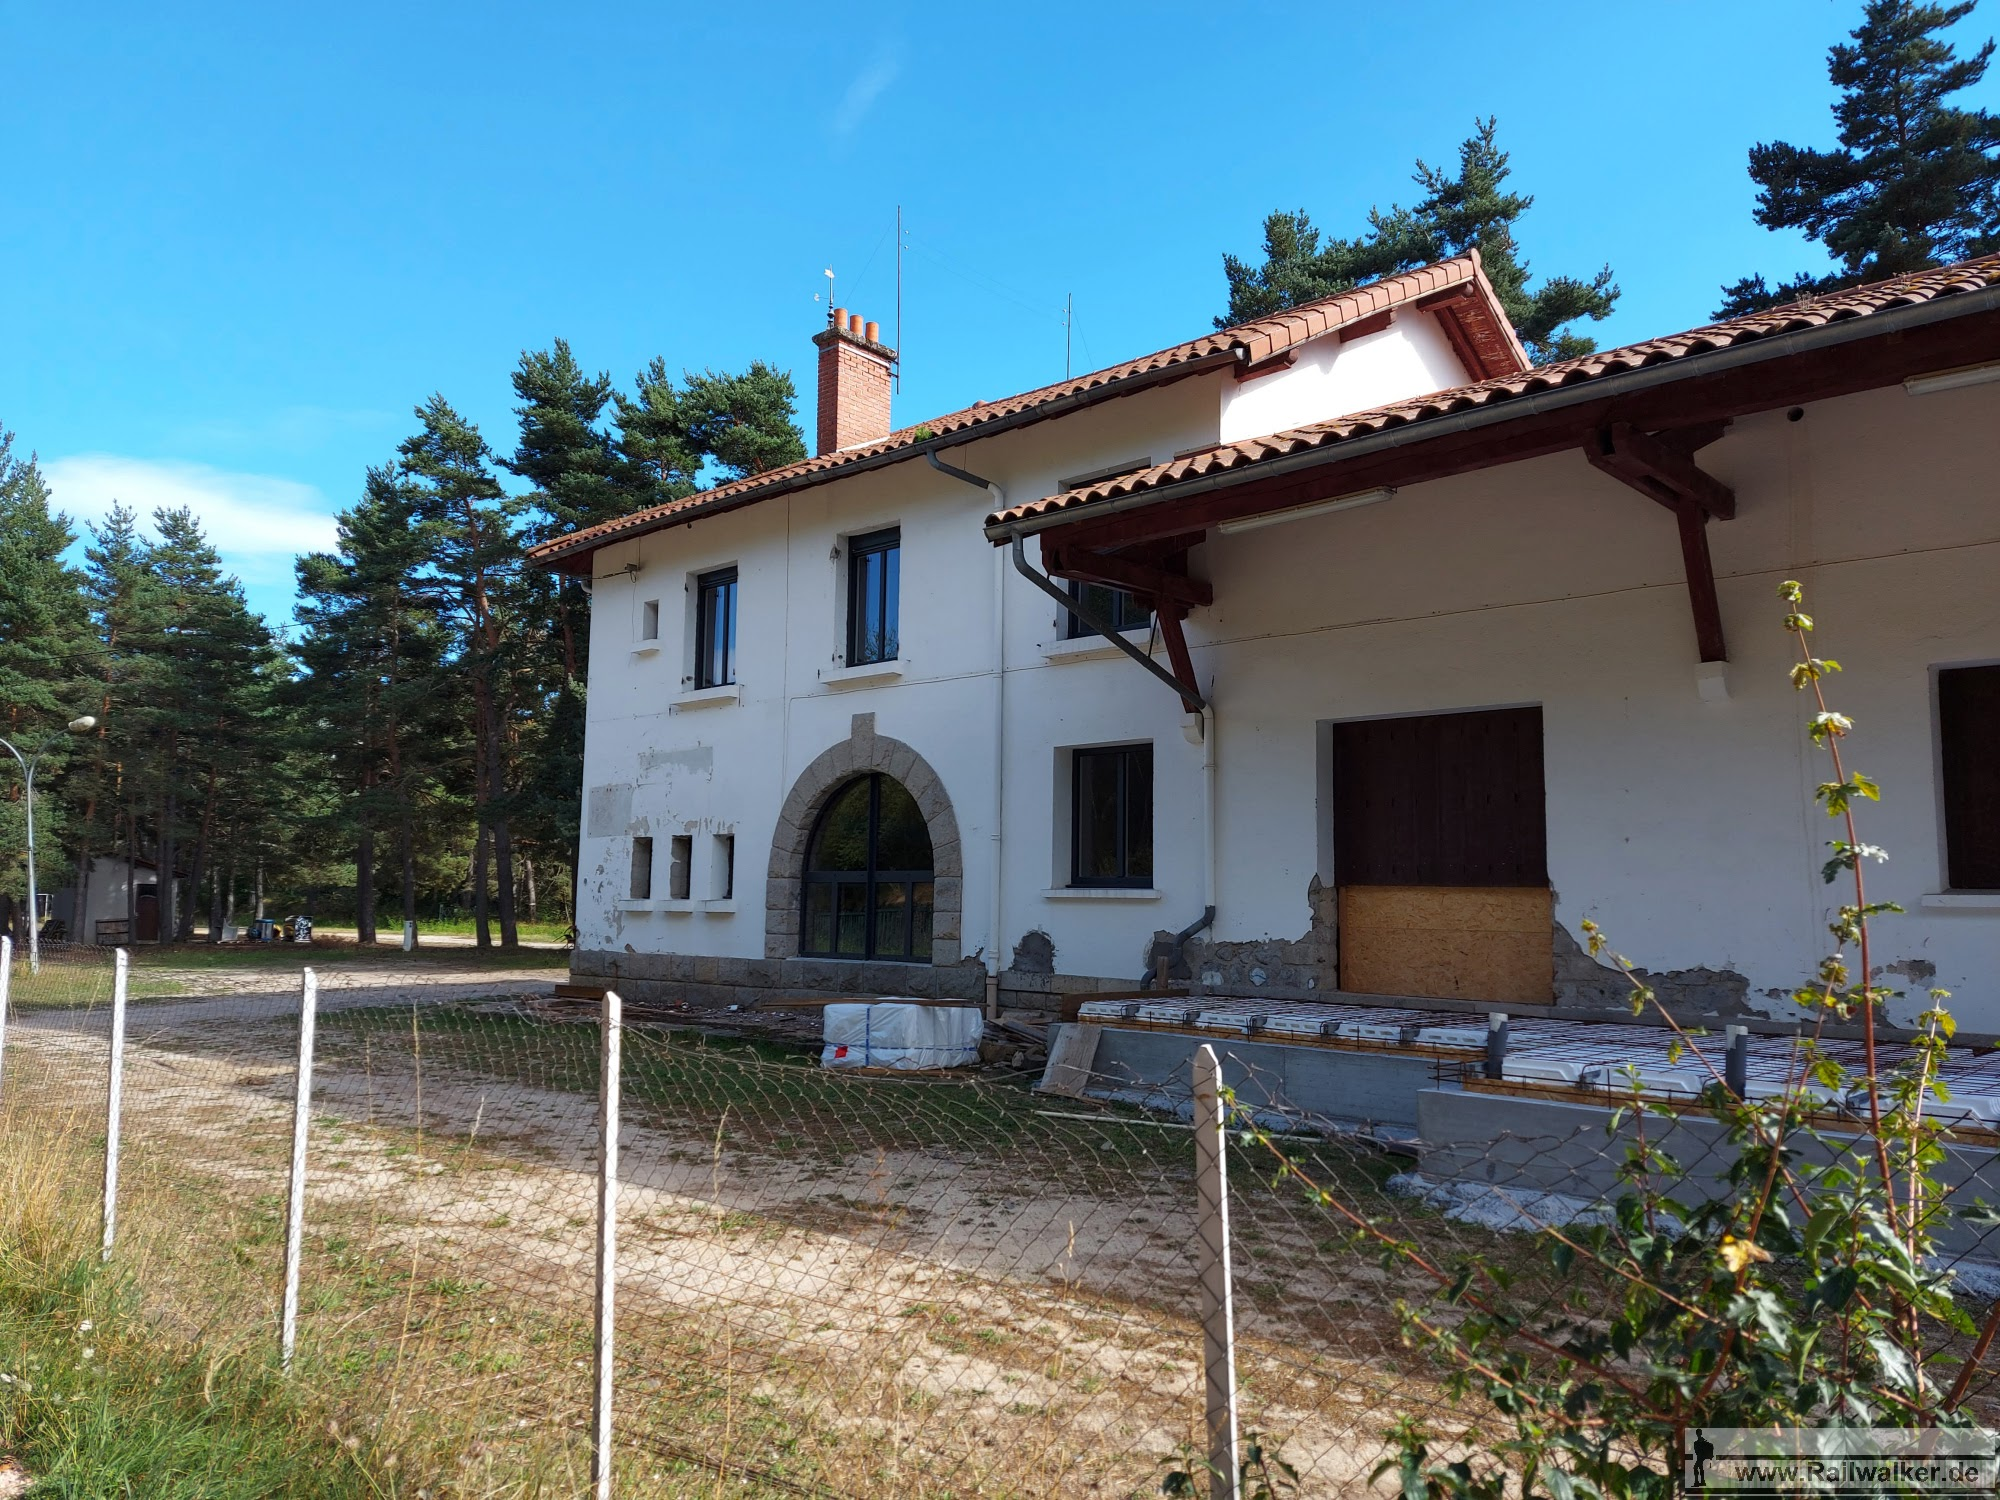 Streckenkilometer 16,500. Der ehemalige Bahnhof von Laussonne-les Badioux auf 858m Höhe.